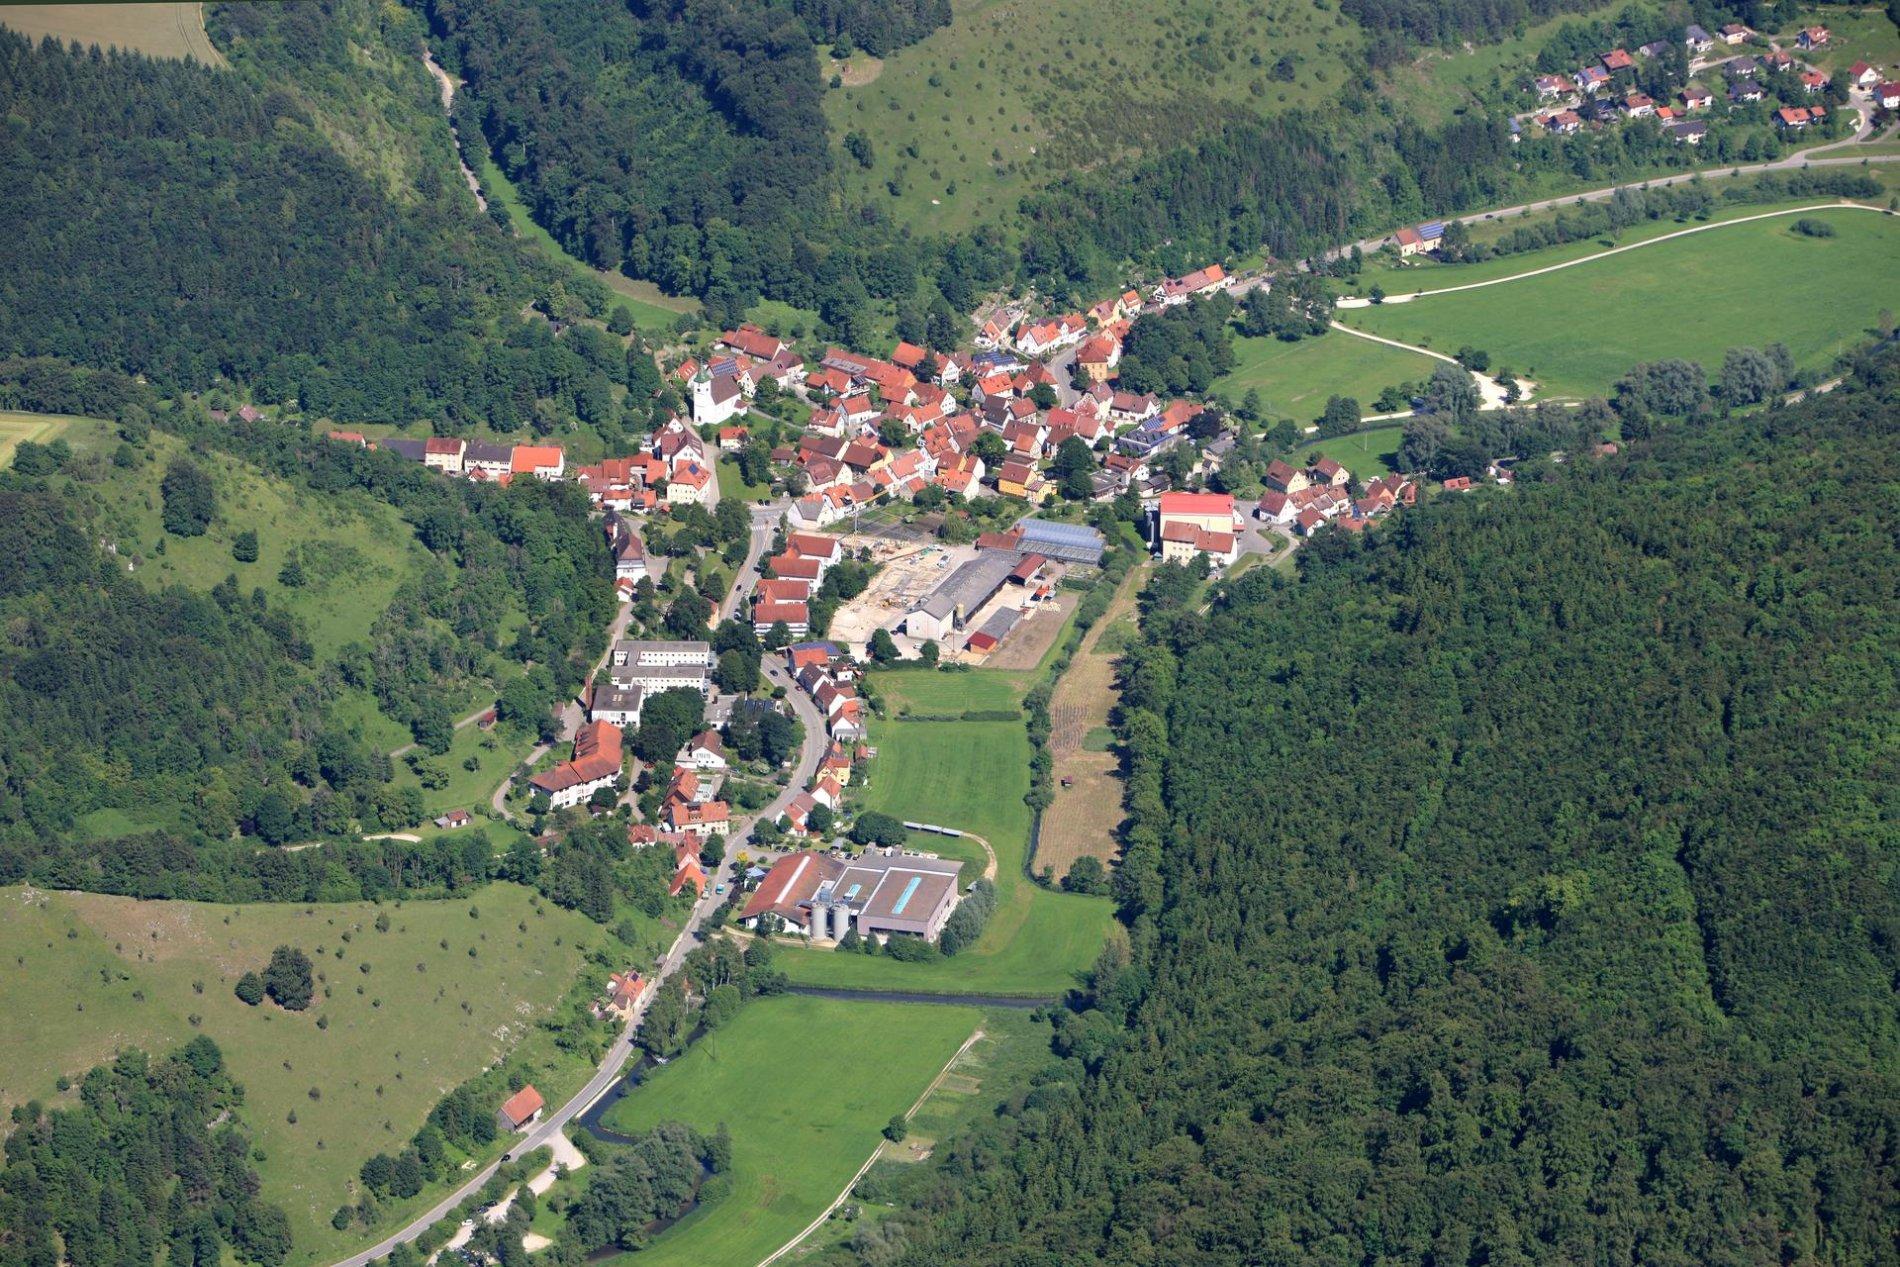 Ein Luftbild von einem Dorf, durch das ein Fluss fließt. Ringsherum sind bewaldete Hügel.